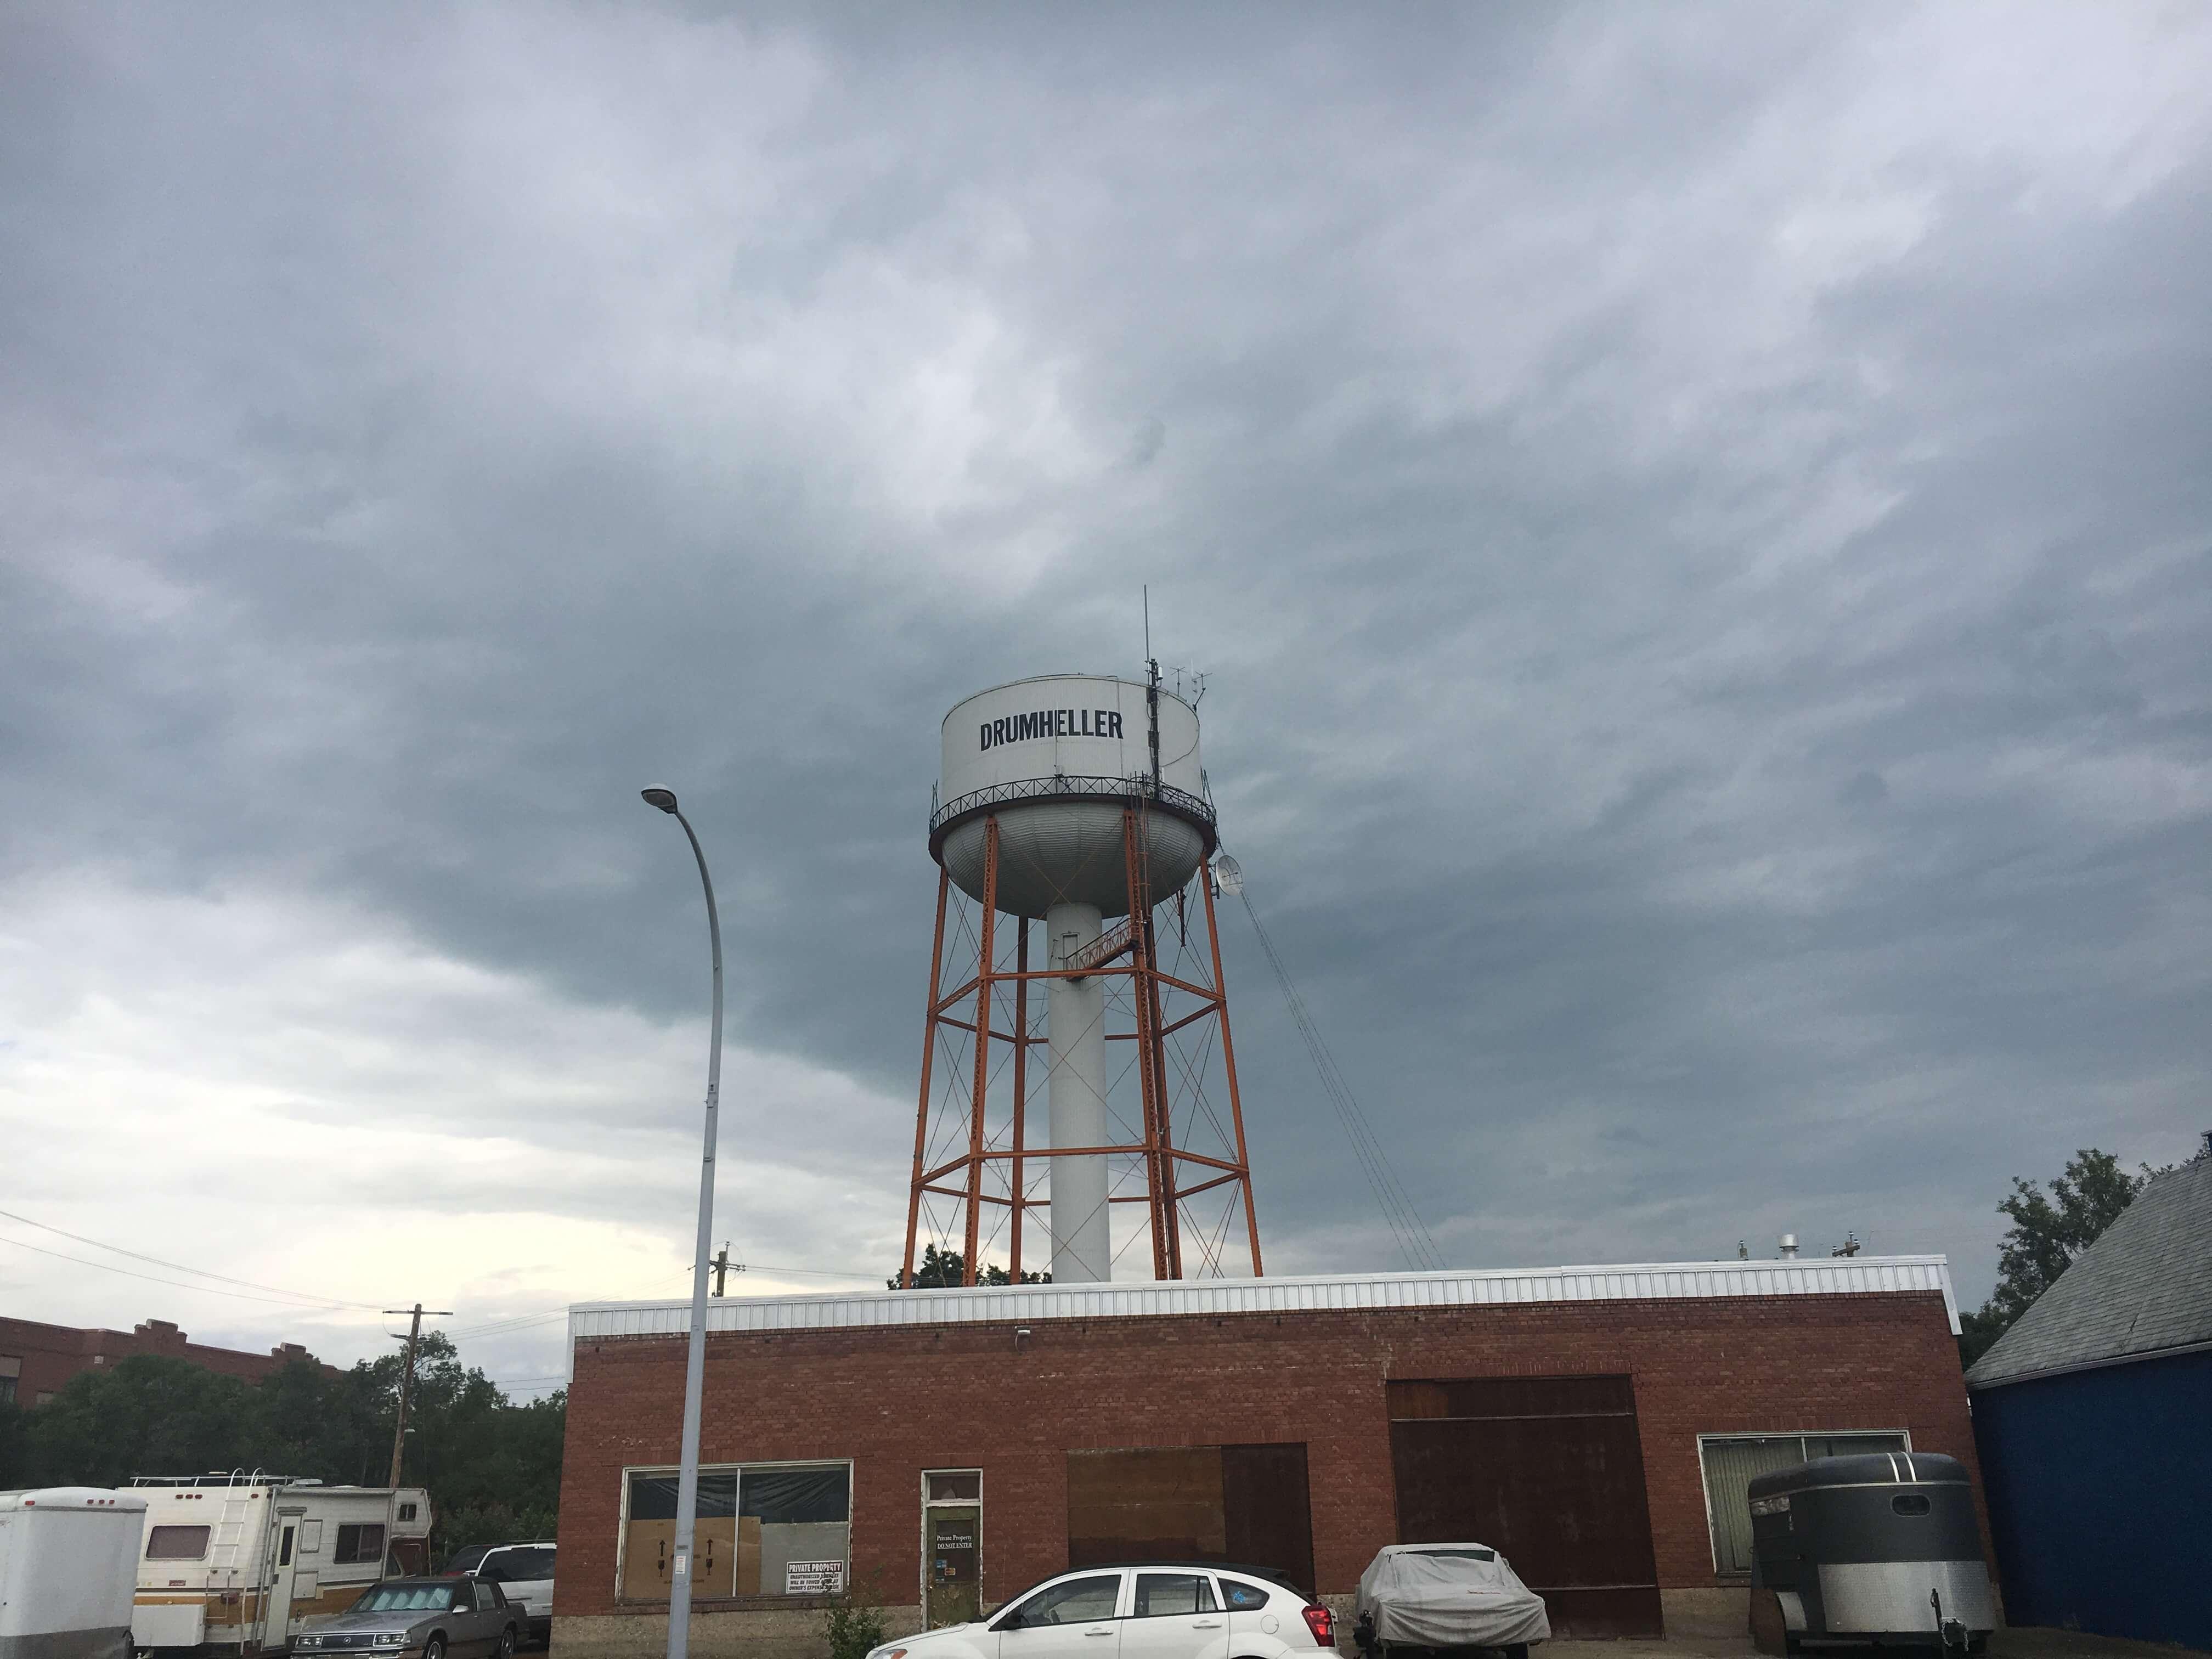 Drumheller water tower